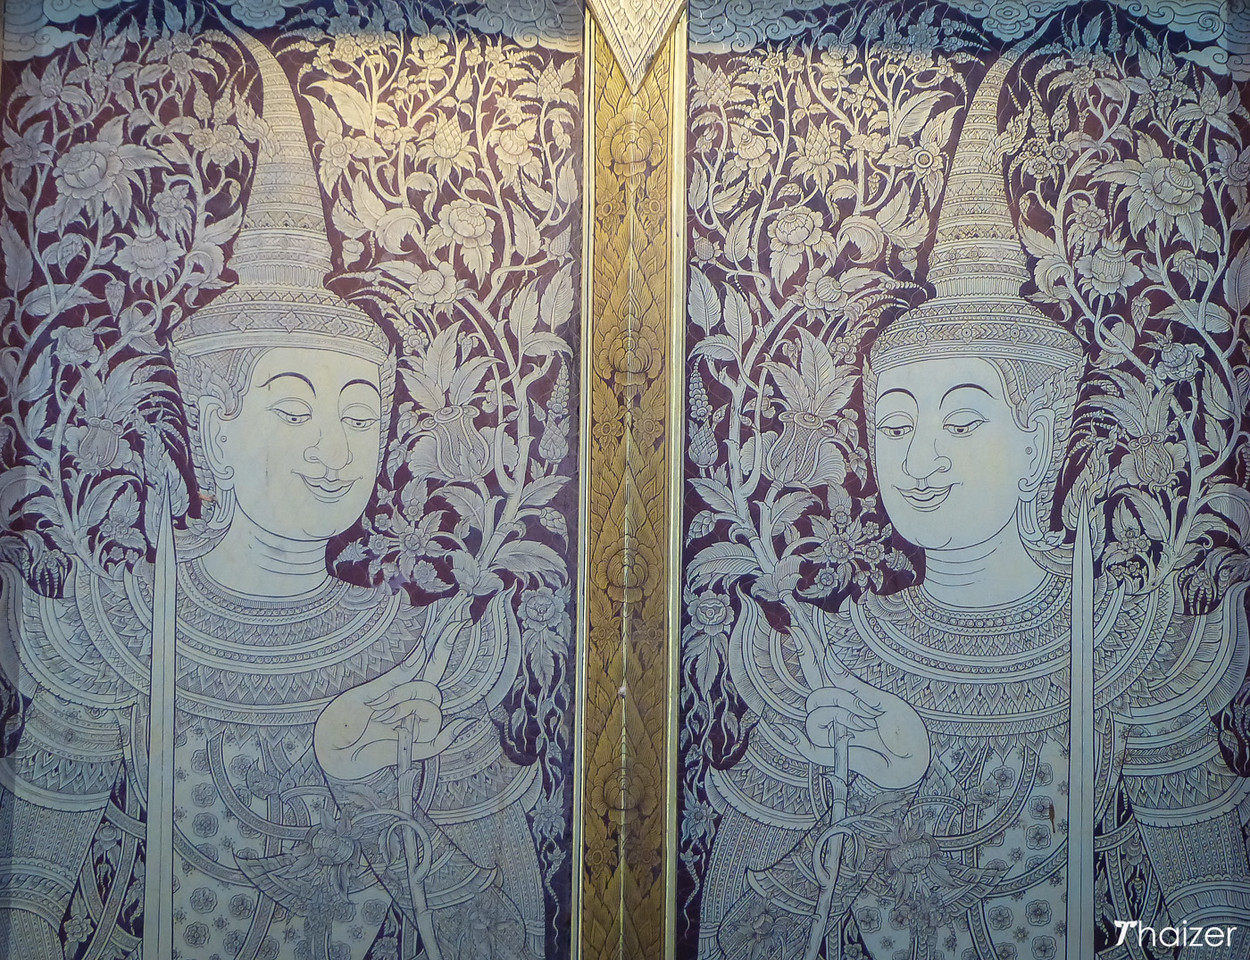 decorative doors at Wat Phra Singh, Chiang Mai